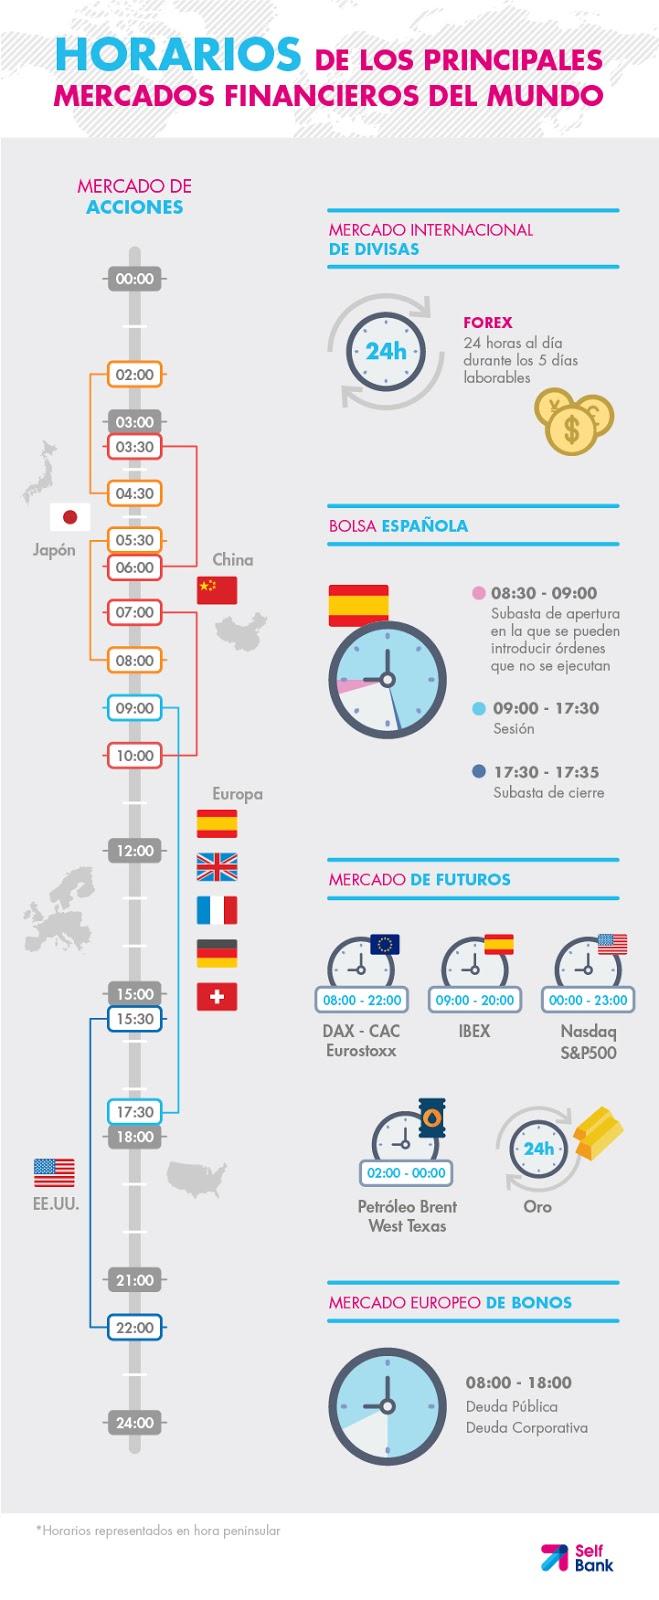 Horarios mercado financiero